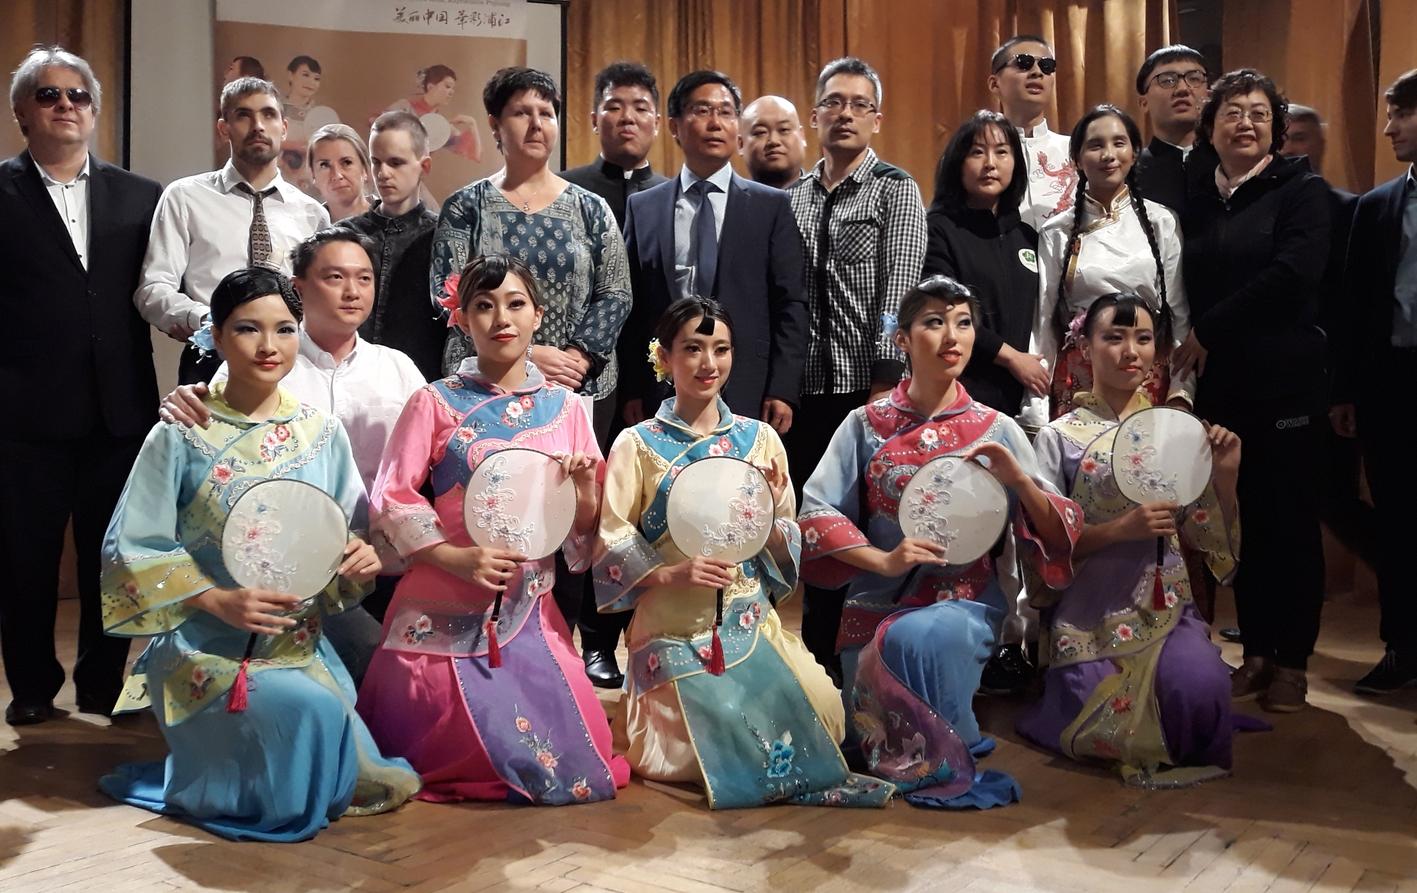 Sanghaji Fogyatékkal Élő Előadók Művészeti Együttese, 2019 november 26., csoportkép